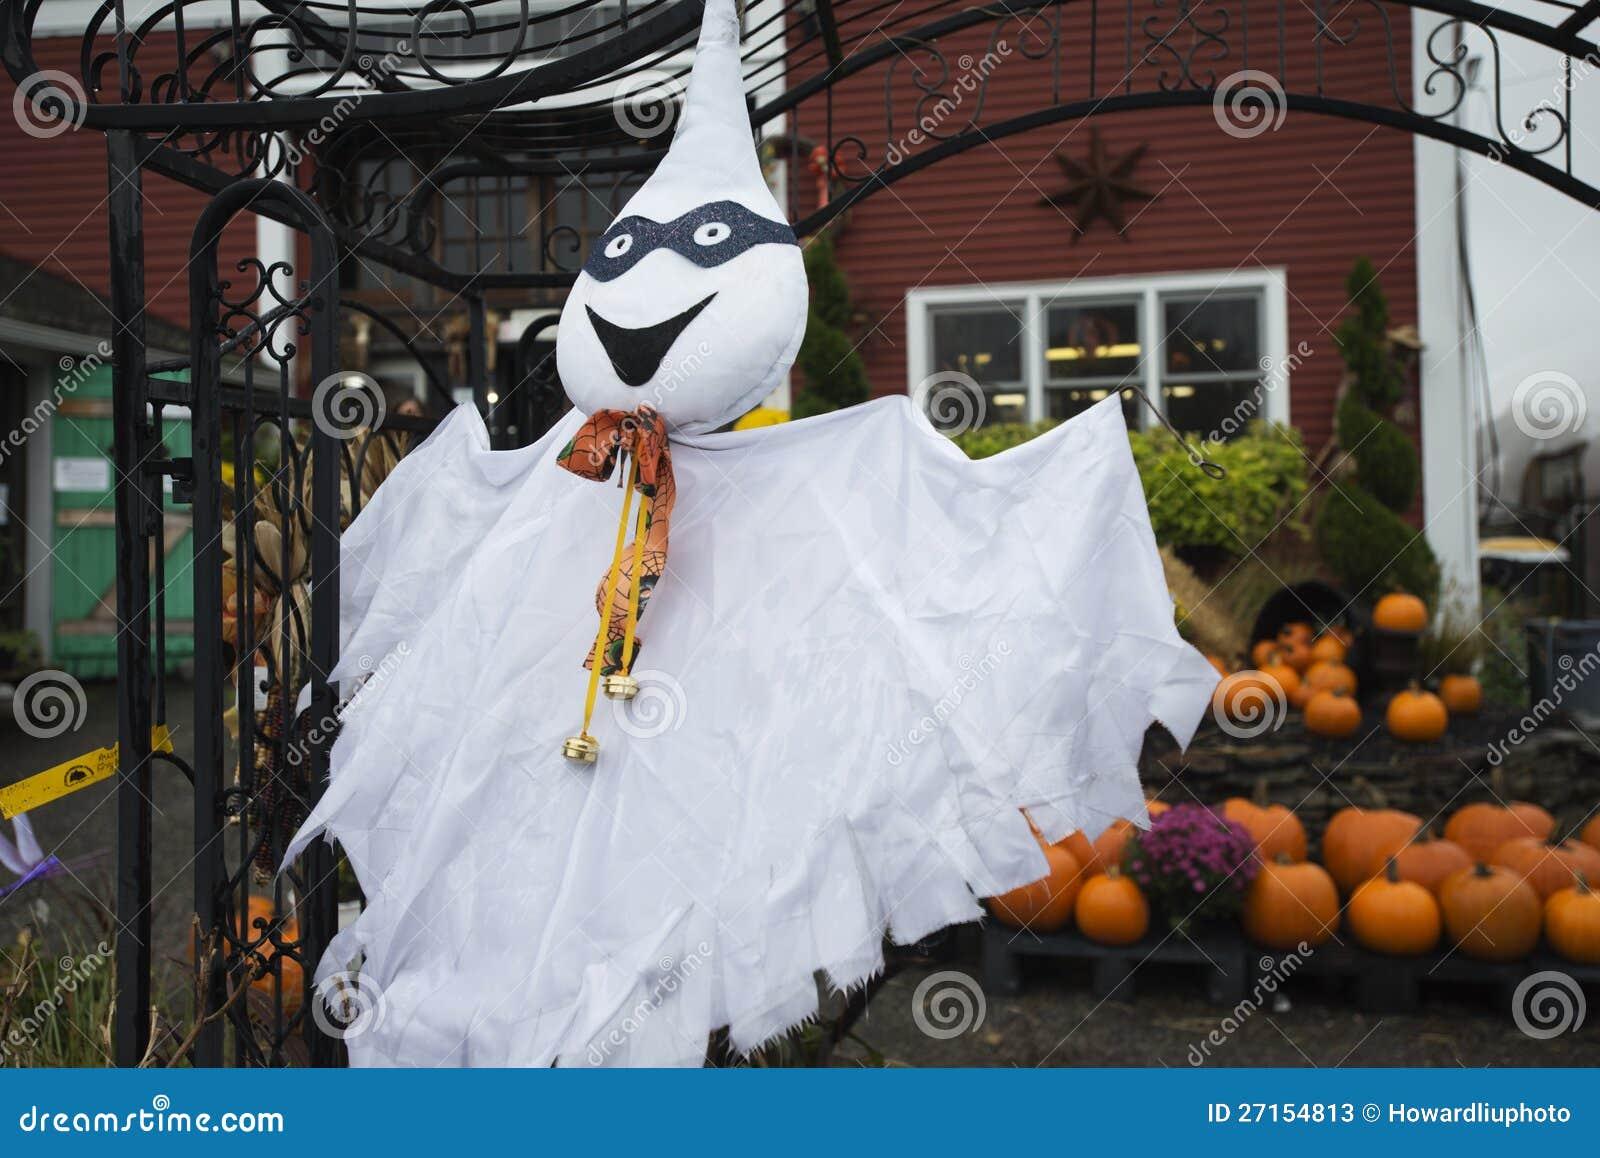 Halloween-Dekorationen;